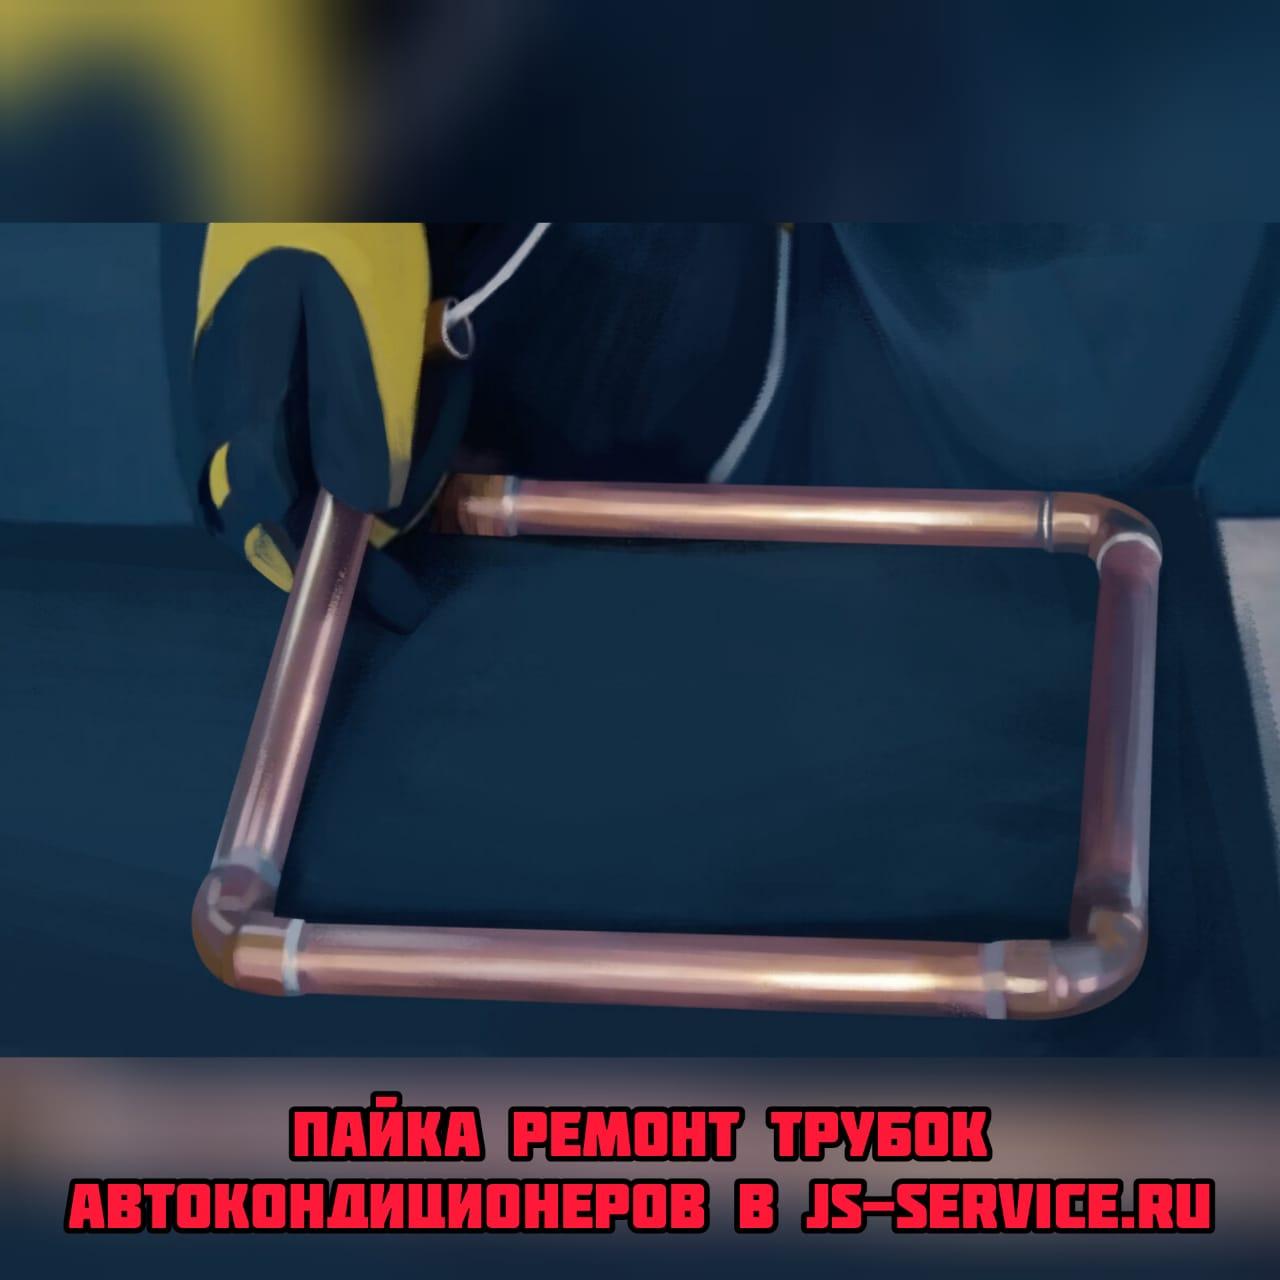 Ремонт пайка трубок кондиционера автомобиля в СПб, Пушкине, Колпино